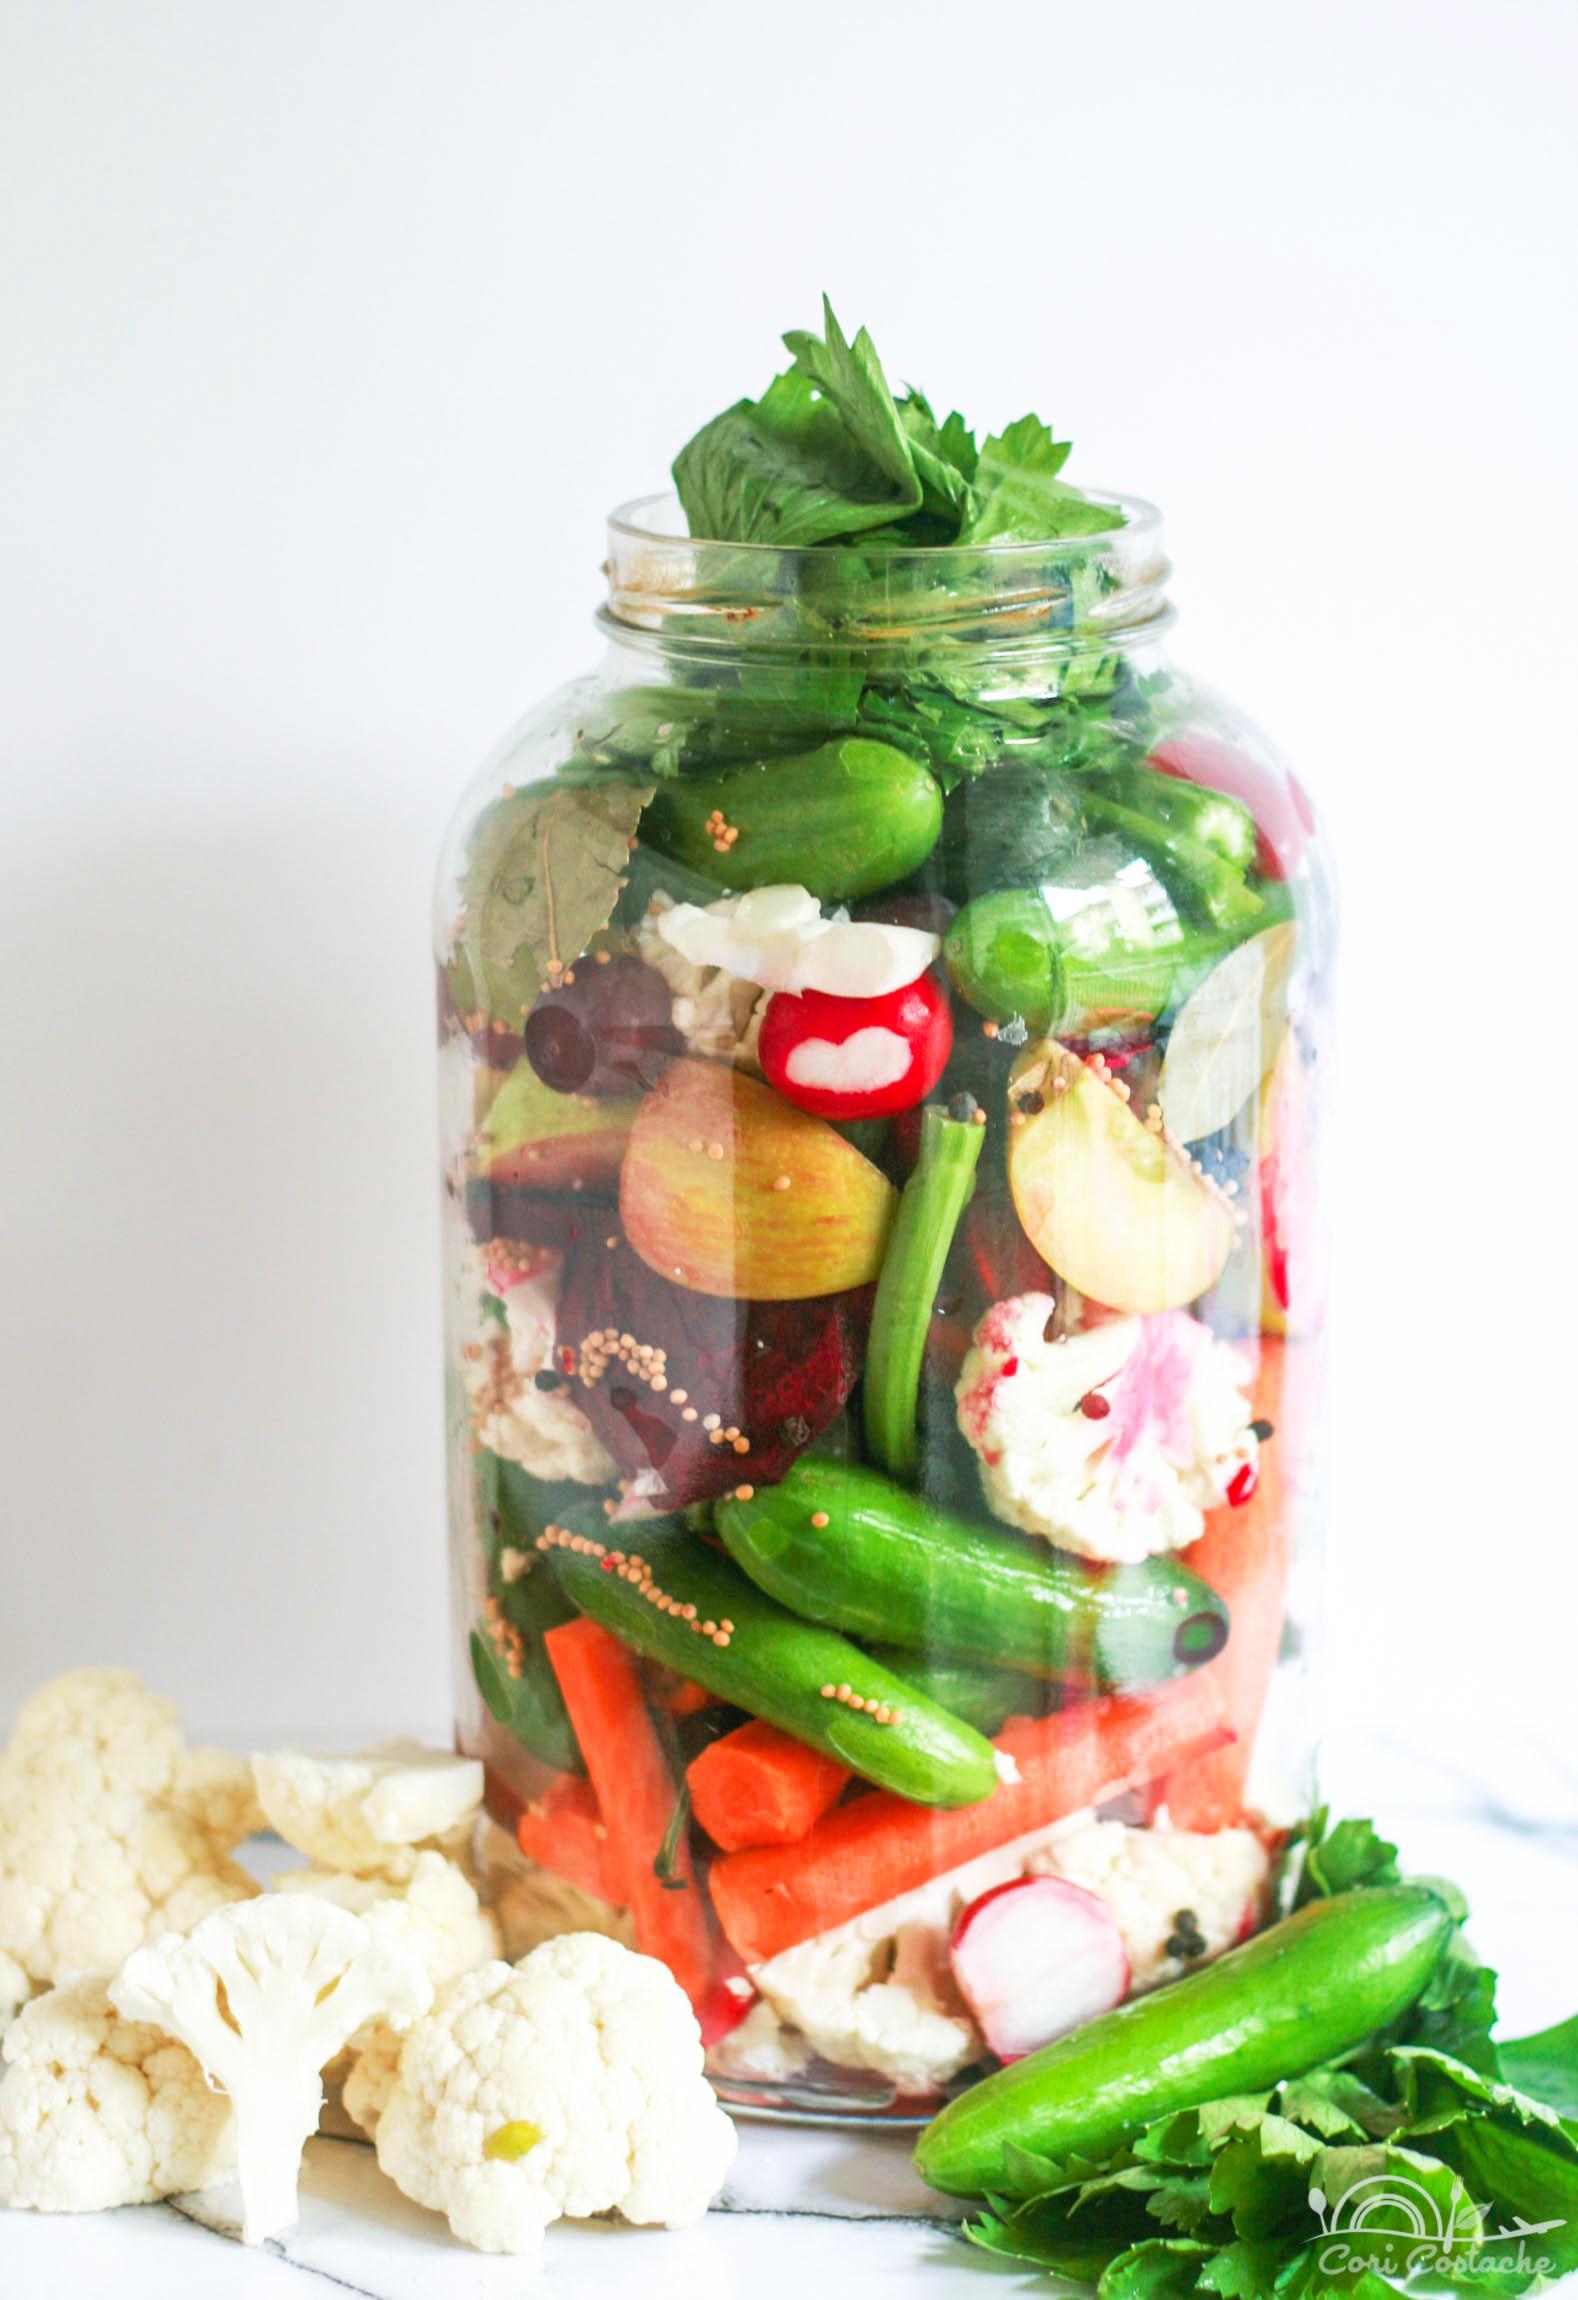 Homemade Pickled Veggies